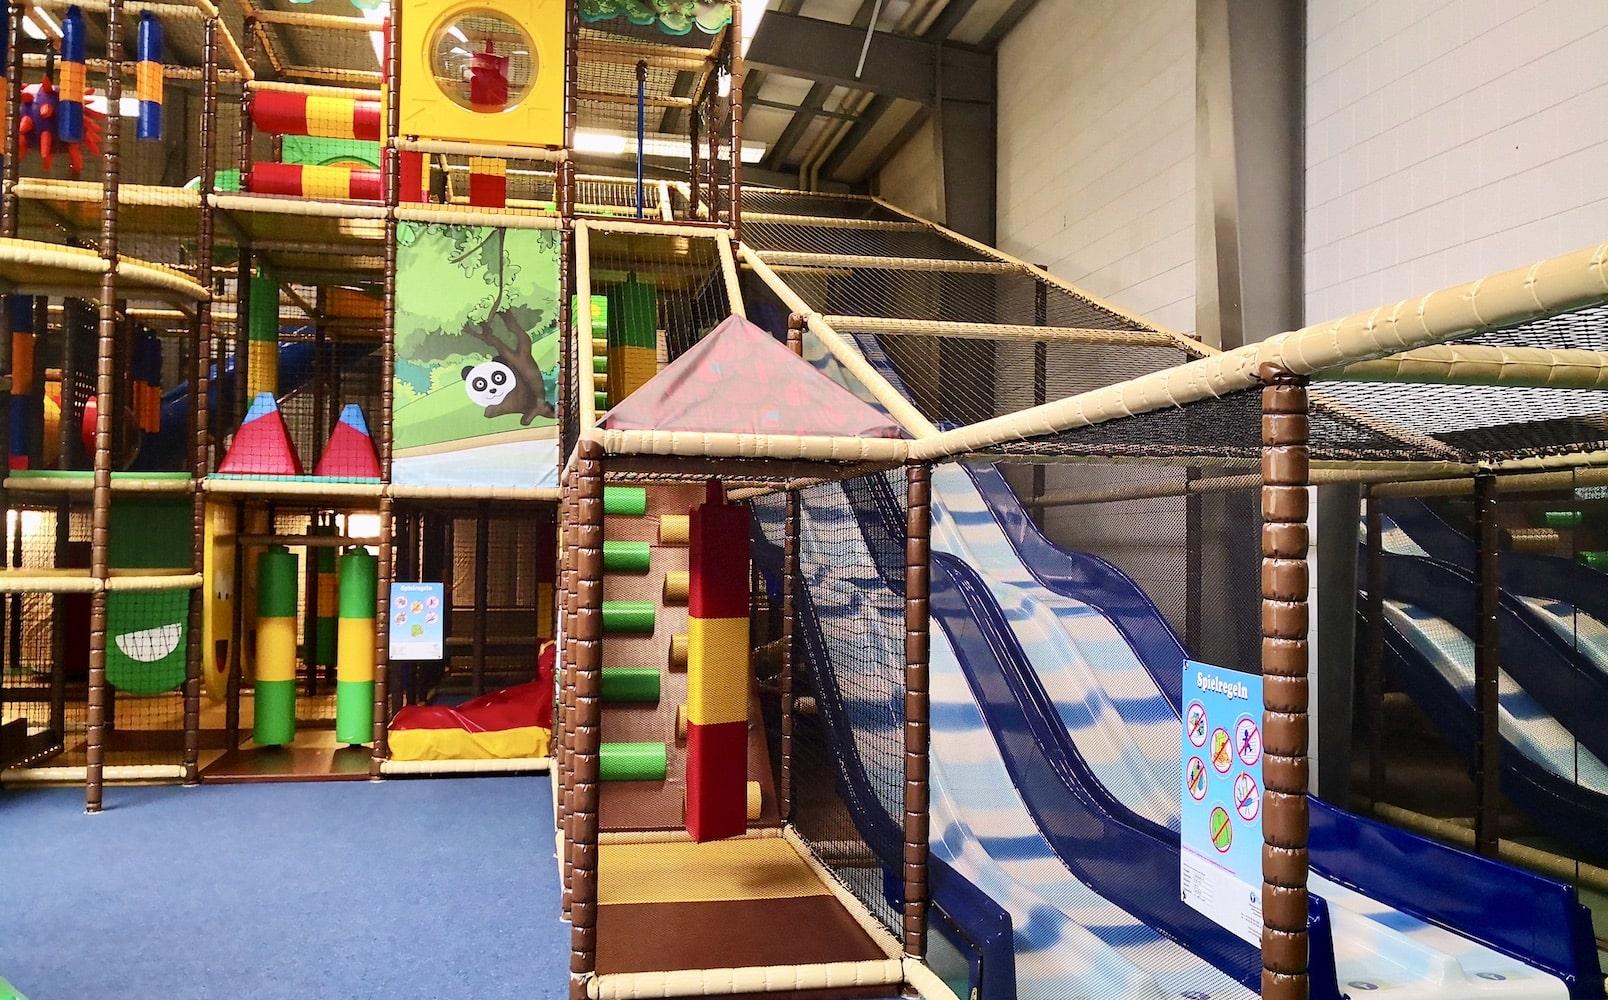 Willkommen im einzigen Indoorspielplatz für Kinder in Frankfurt (Oder)